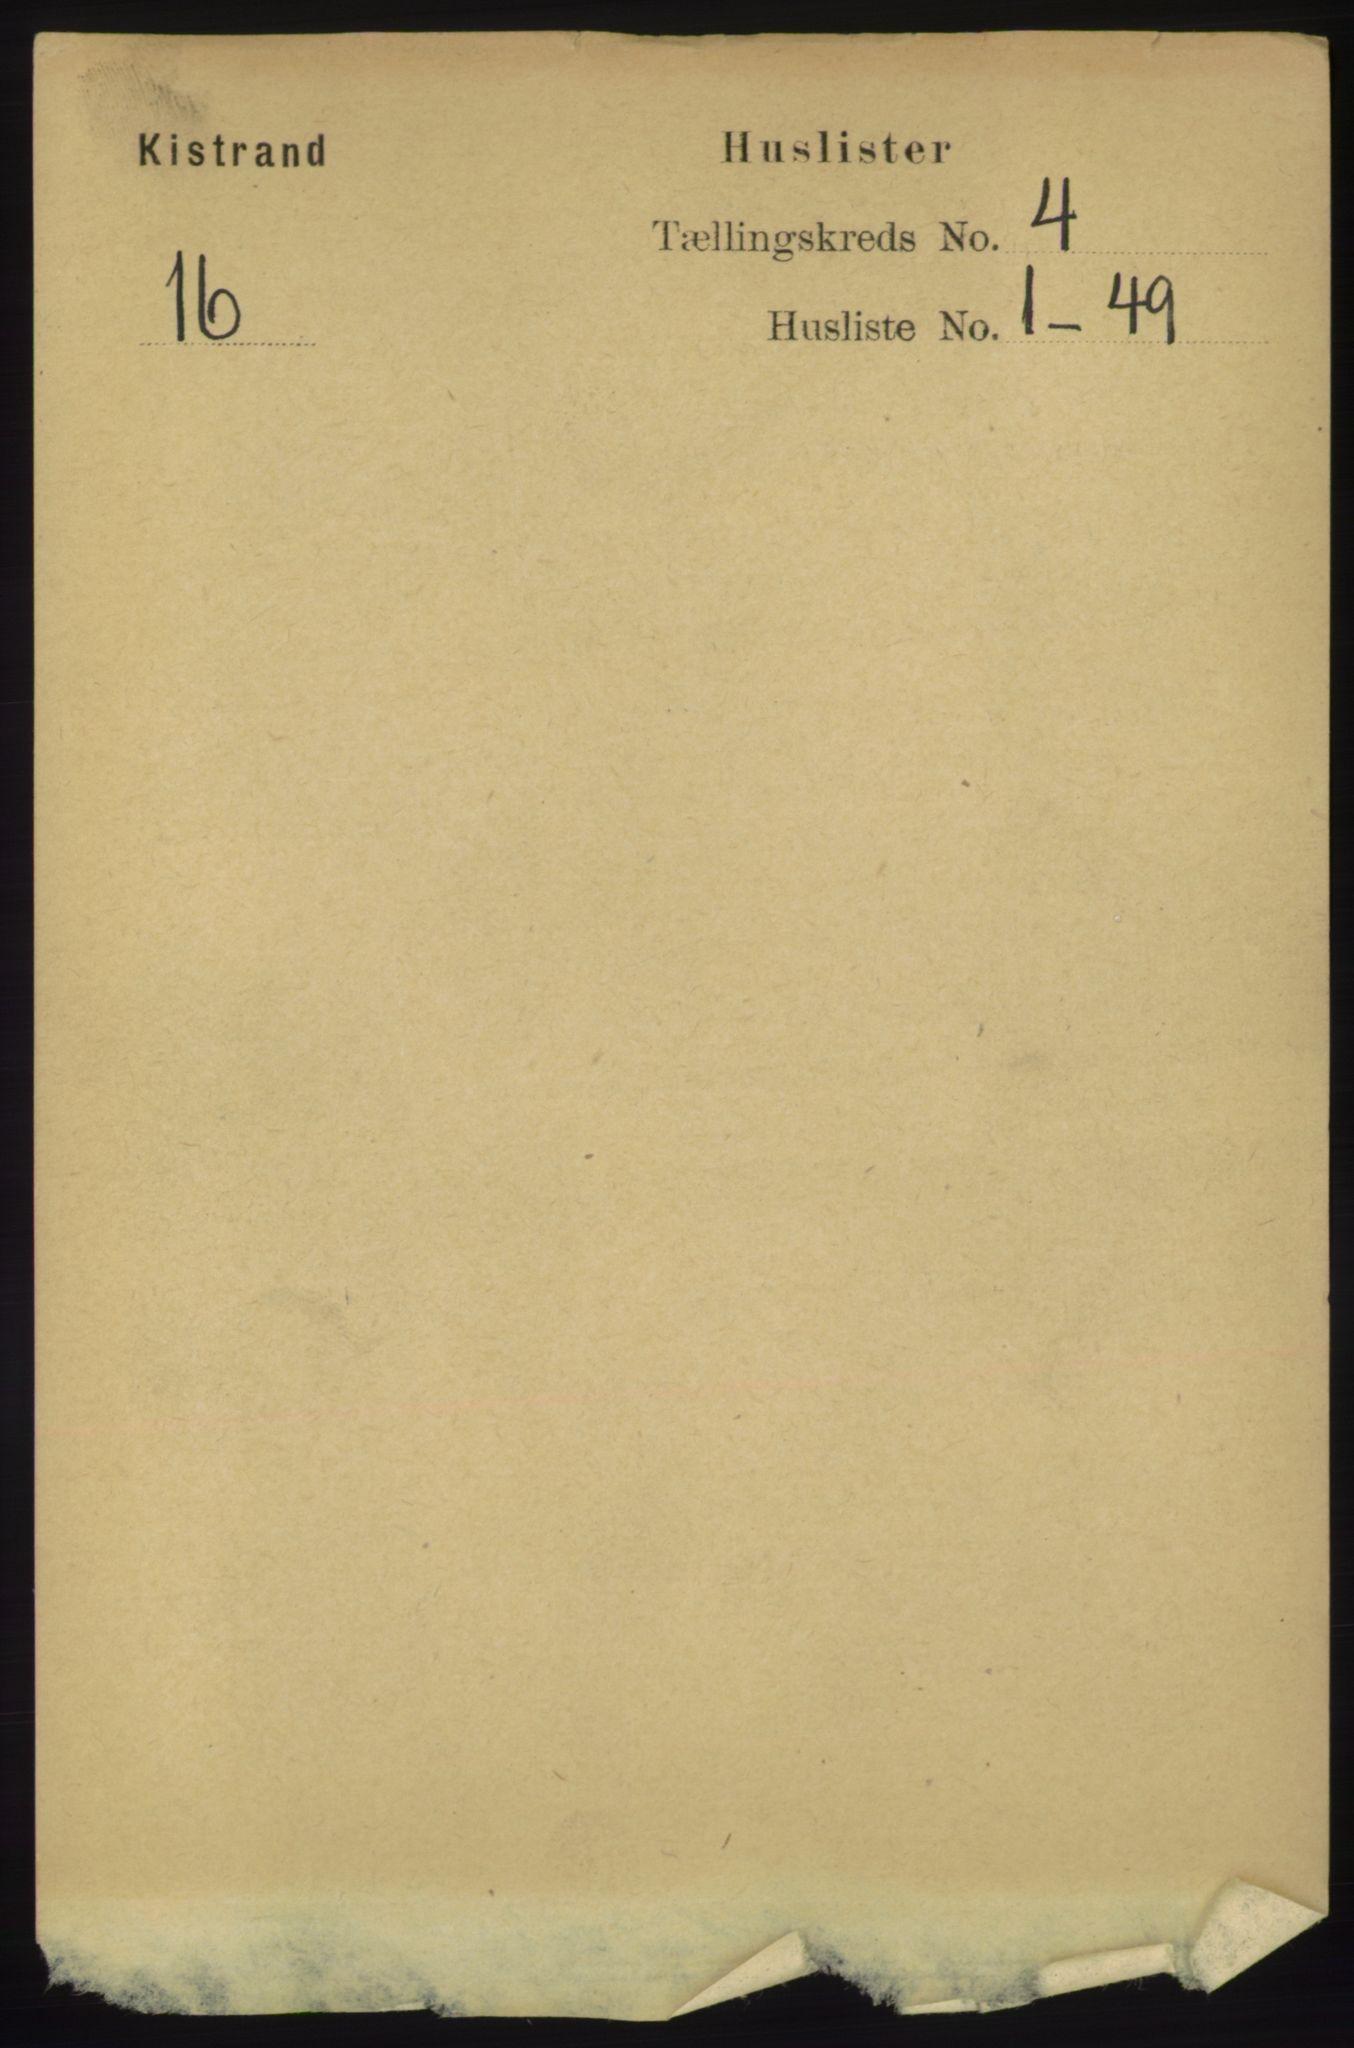 RA, Folketelling 1891 for 2020 Kistrand herred, 1891, s. 1885